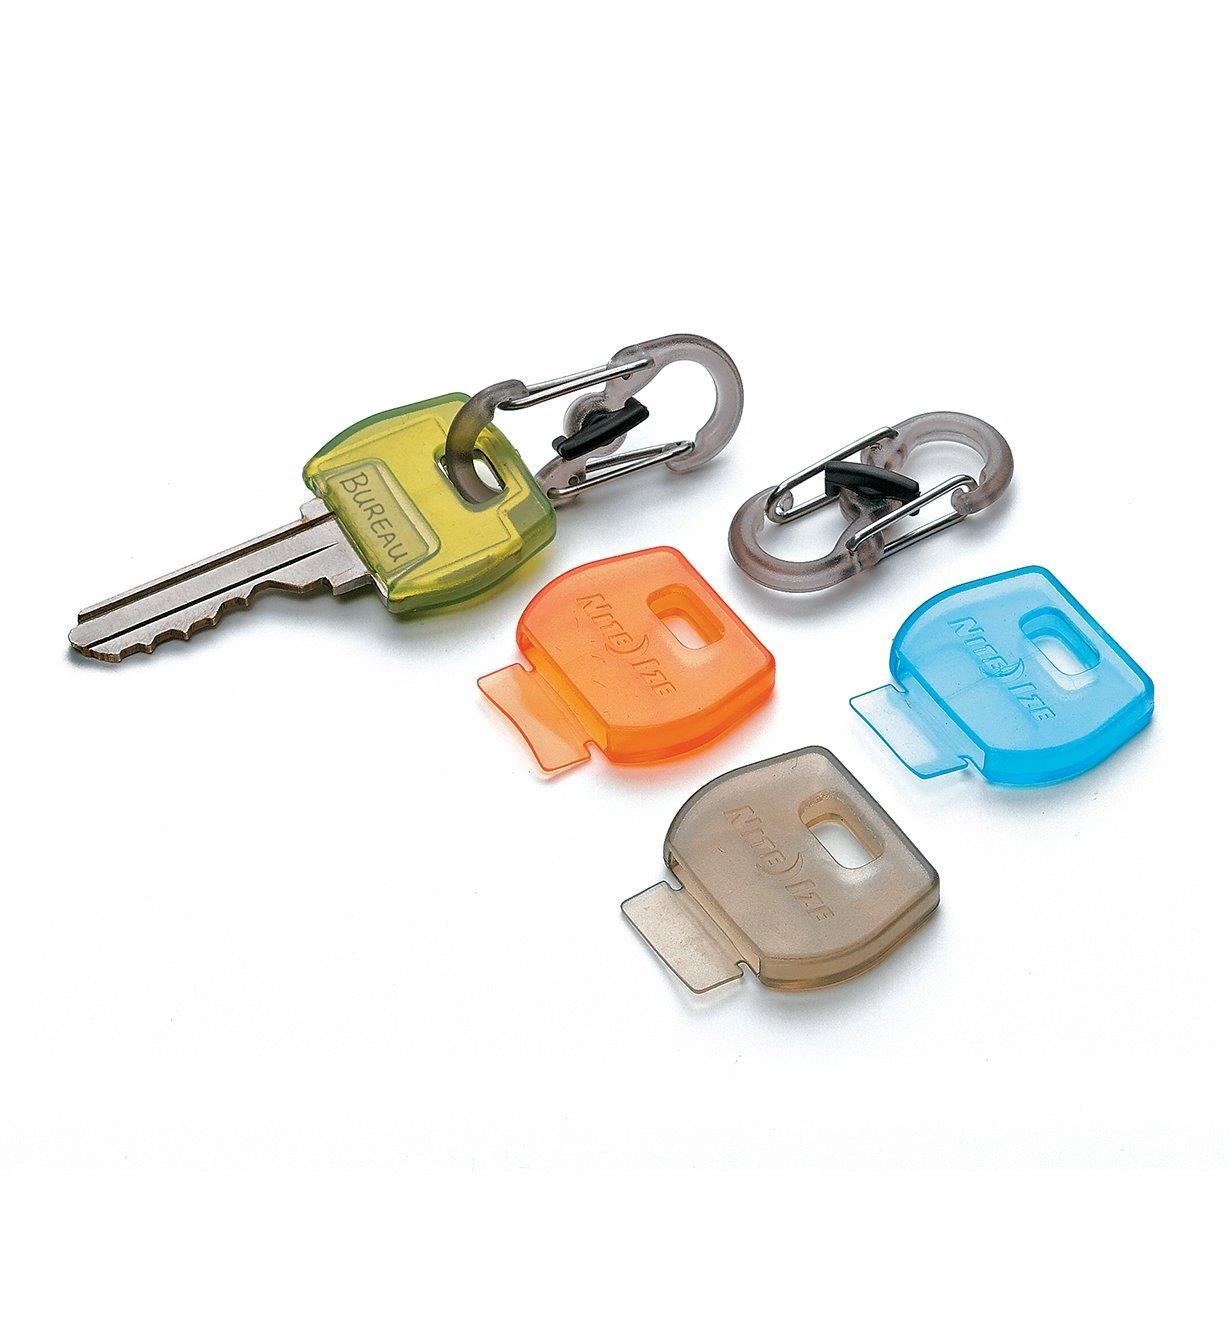 68K0764 - Jeu de 4 couvre-clés IdentiKey et 2mousquetons